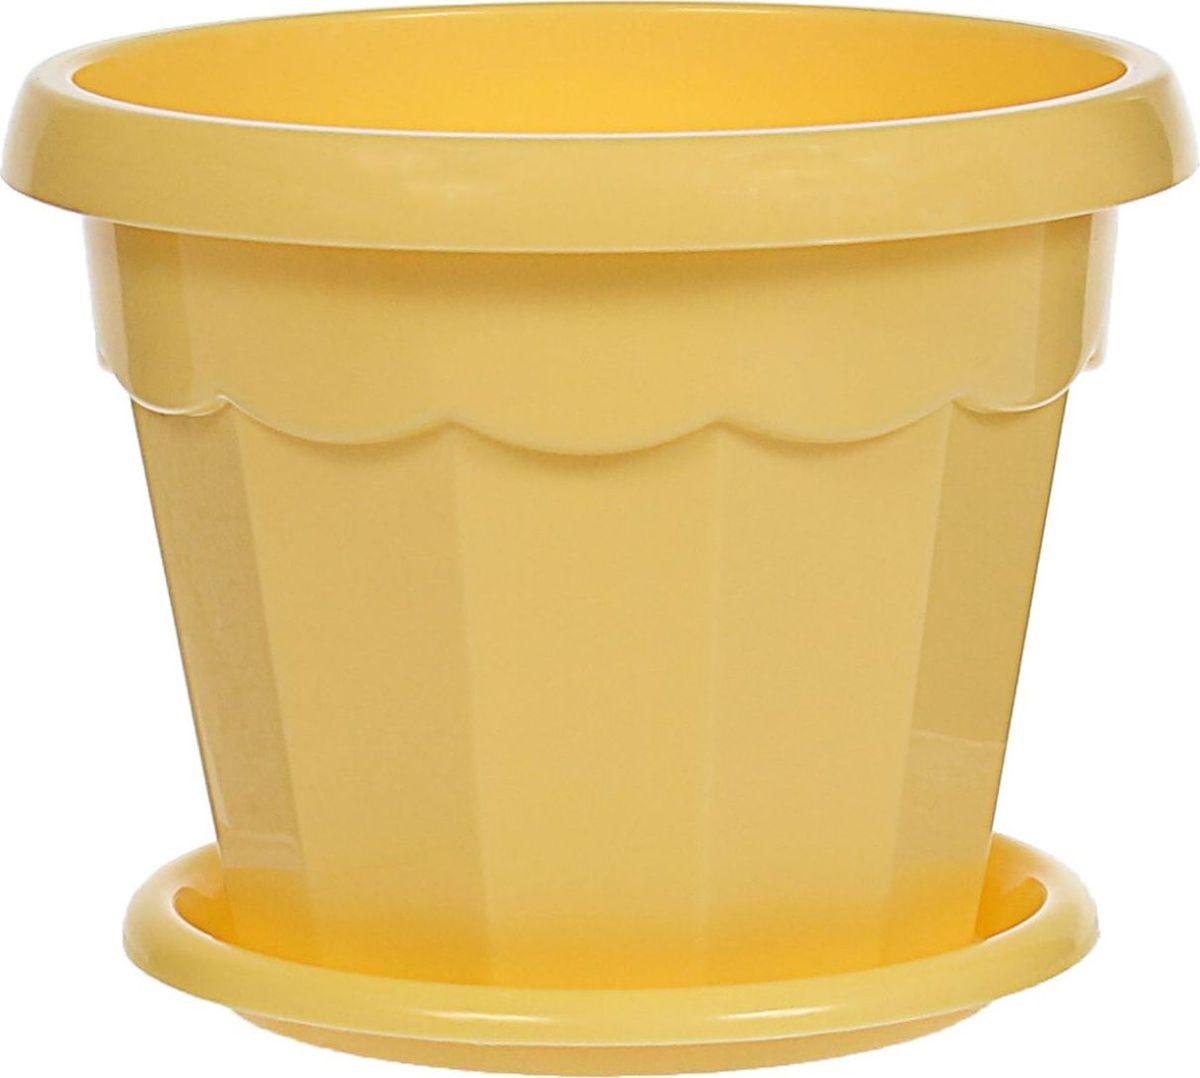 Горшок для цветов Доляна Эрика, с поддоном, цвет: желтый, 0,7 лK100Любой, даже самый современный и продуманный интерьер будет не завершённым без растений. Они не только очищают воздух и насыщают его кислородом, но и заметно украшают окружающее пространство. Такому полезному &laquo члену семьи&raquoпросто необходимо красивое и функциональное кашпо, оригинальный горшок или необычная ваза! Мы предлагаем - Горшок для цветов 0,7 л с поддоном Эрика, цвет жёлтый!Оптимальный выбор материала &mdash &nbsp пластмасса! Почему мы так считаем? Малый вес. С лёгкостью переносите горшки и кашпо с места на место, ставьте их на столики или полки, подвешивайте под потолок, не беспокоясь о нагрузке. Простота ухода. Пластиковые изделия не нуждаются в специальных условиях хранения. Их&nbsp легко чистить &mdashдостаточно просто сполоснуть тёплой водой. Никаких царапин. Пластиковые кашпо не царапают и не загрязняют поверхности, на которых стоят. Пластик дольше хранит влагу, а значит &mdashрастение реже нуждается в поливе. Пластмасса не пропускает воздух &mdashкорневой системе растения не грозят резкие перепады температур. Огромный выбор форм, декора и расцветок &mdashвы без труда подберёте что-то, что идеально впишется в уже существующий интерьер.Соблюдая нехитрые правила ухода, вы можете заметно продлить срок службы горшков, вазонов и кашпо из пластика: всегда учитывайте размер кроны и корневой системы растения (при разрастании большое растение способно повредить маленький горшок)берегите изделие от воздействия прямых солнечных лучей, чтобы кашпо и горшки не выцветалидержите кашпо и горшки из пластика подальше от нагревающихся поверхностей.Создавайте прекрасные цветочные композиции, выращивайте рассаду или необычные растения, а низкие цены позволят вам не ограничивать себя в выборе.